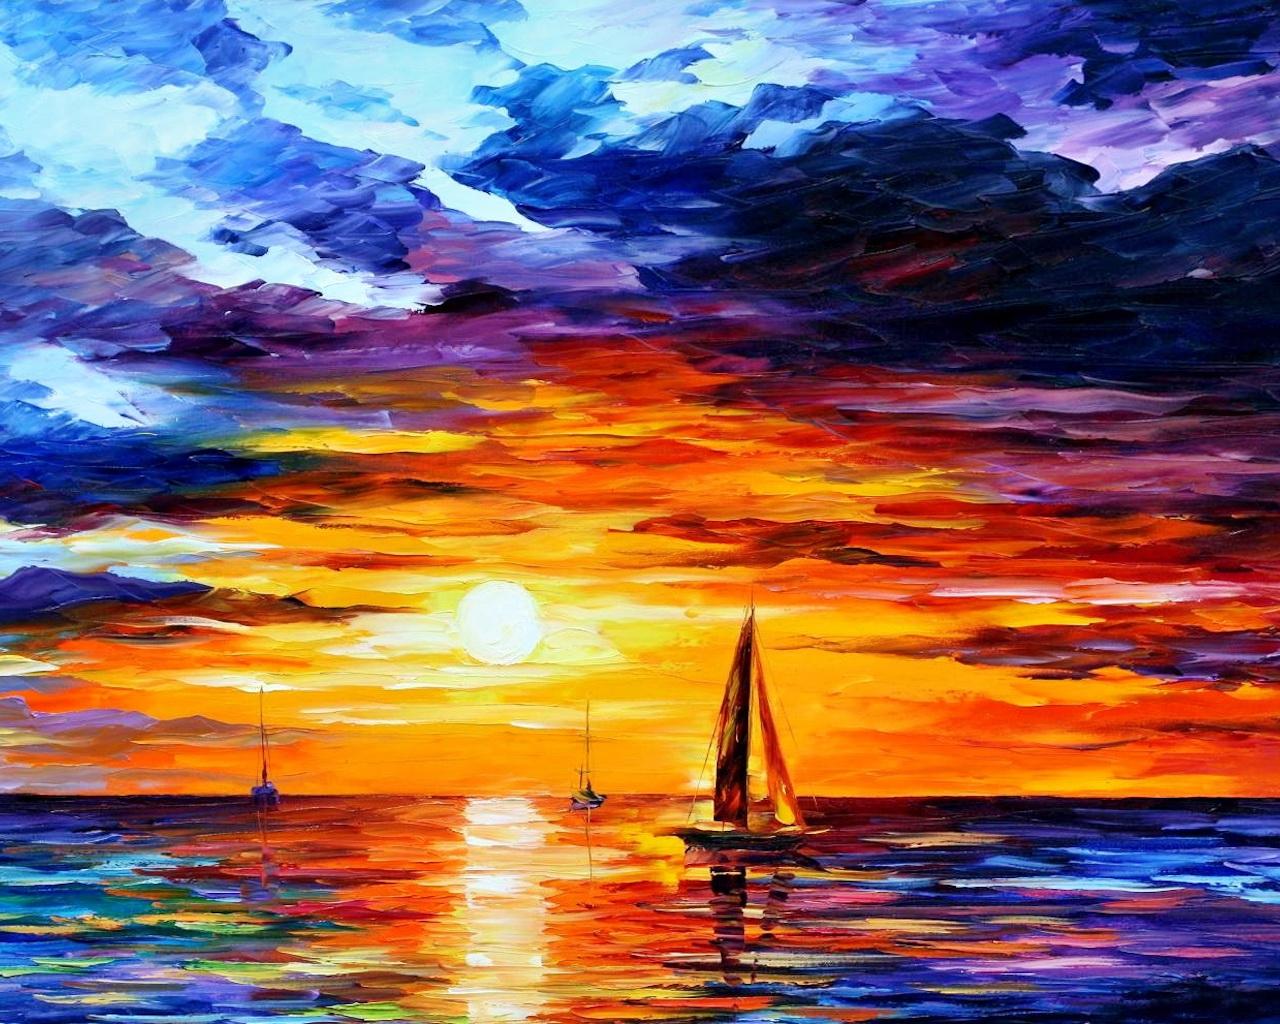 Beautifull Sunset Wallpapers Beautiful Sunsets And Sunrises Wallpaper 1280x1024